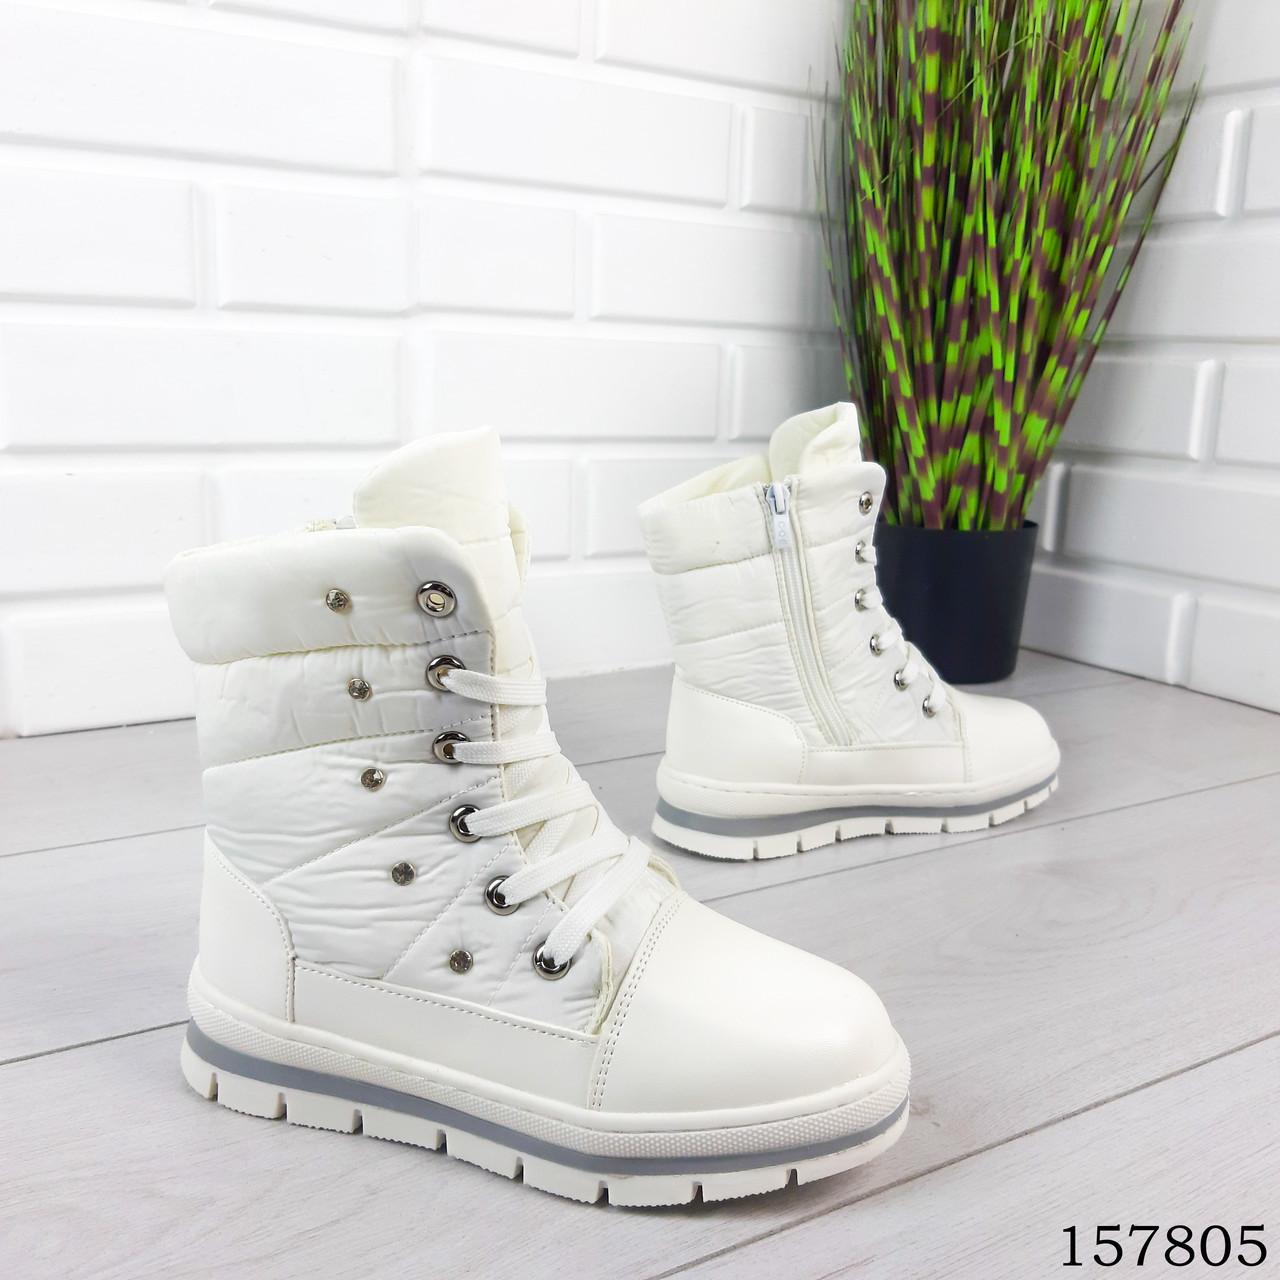 Детские сапоги зимние на шнурках белого цвета из эко кожи и плащевки